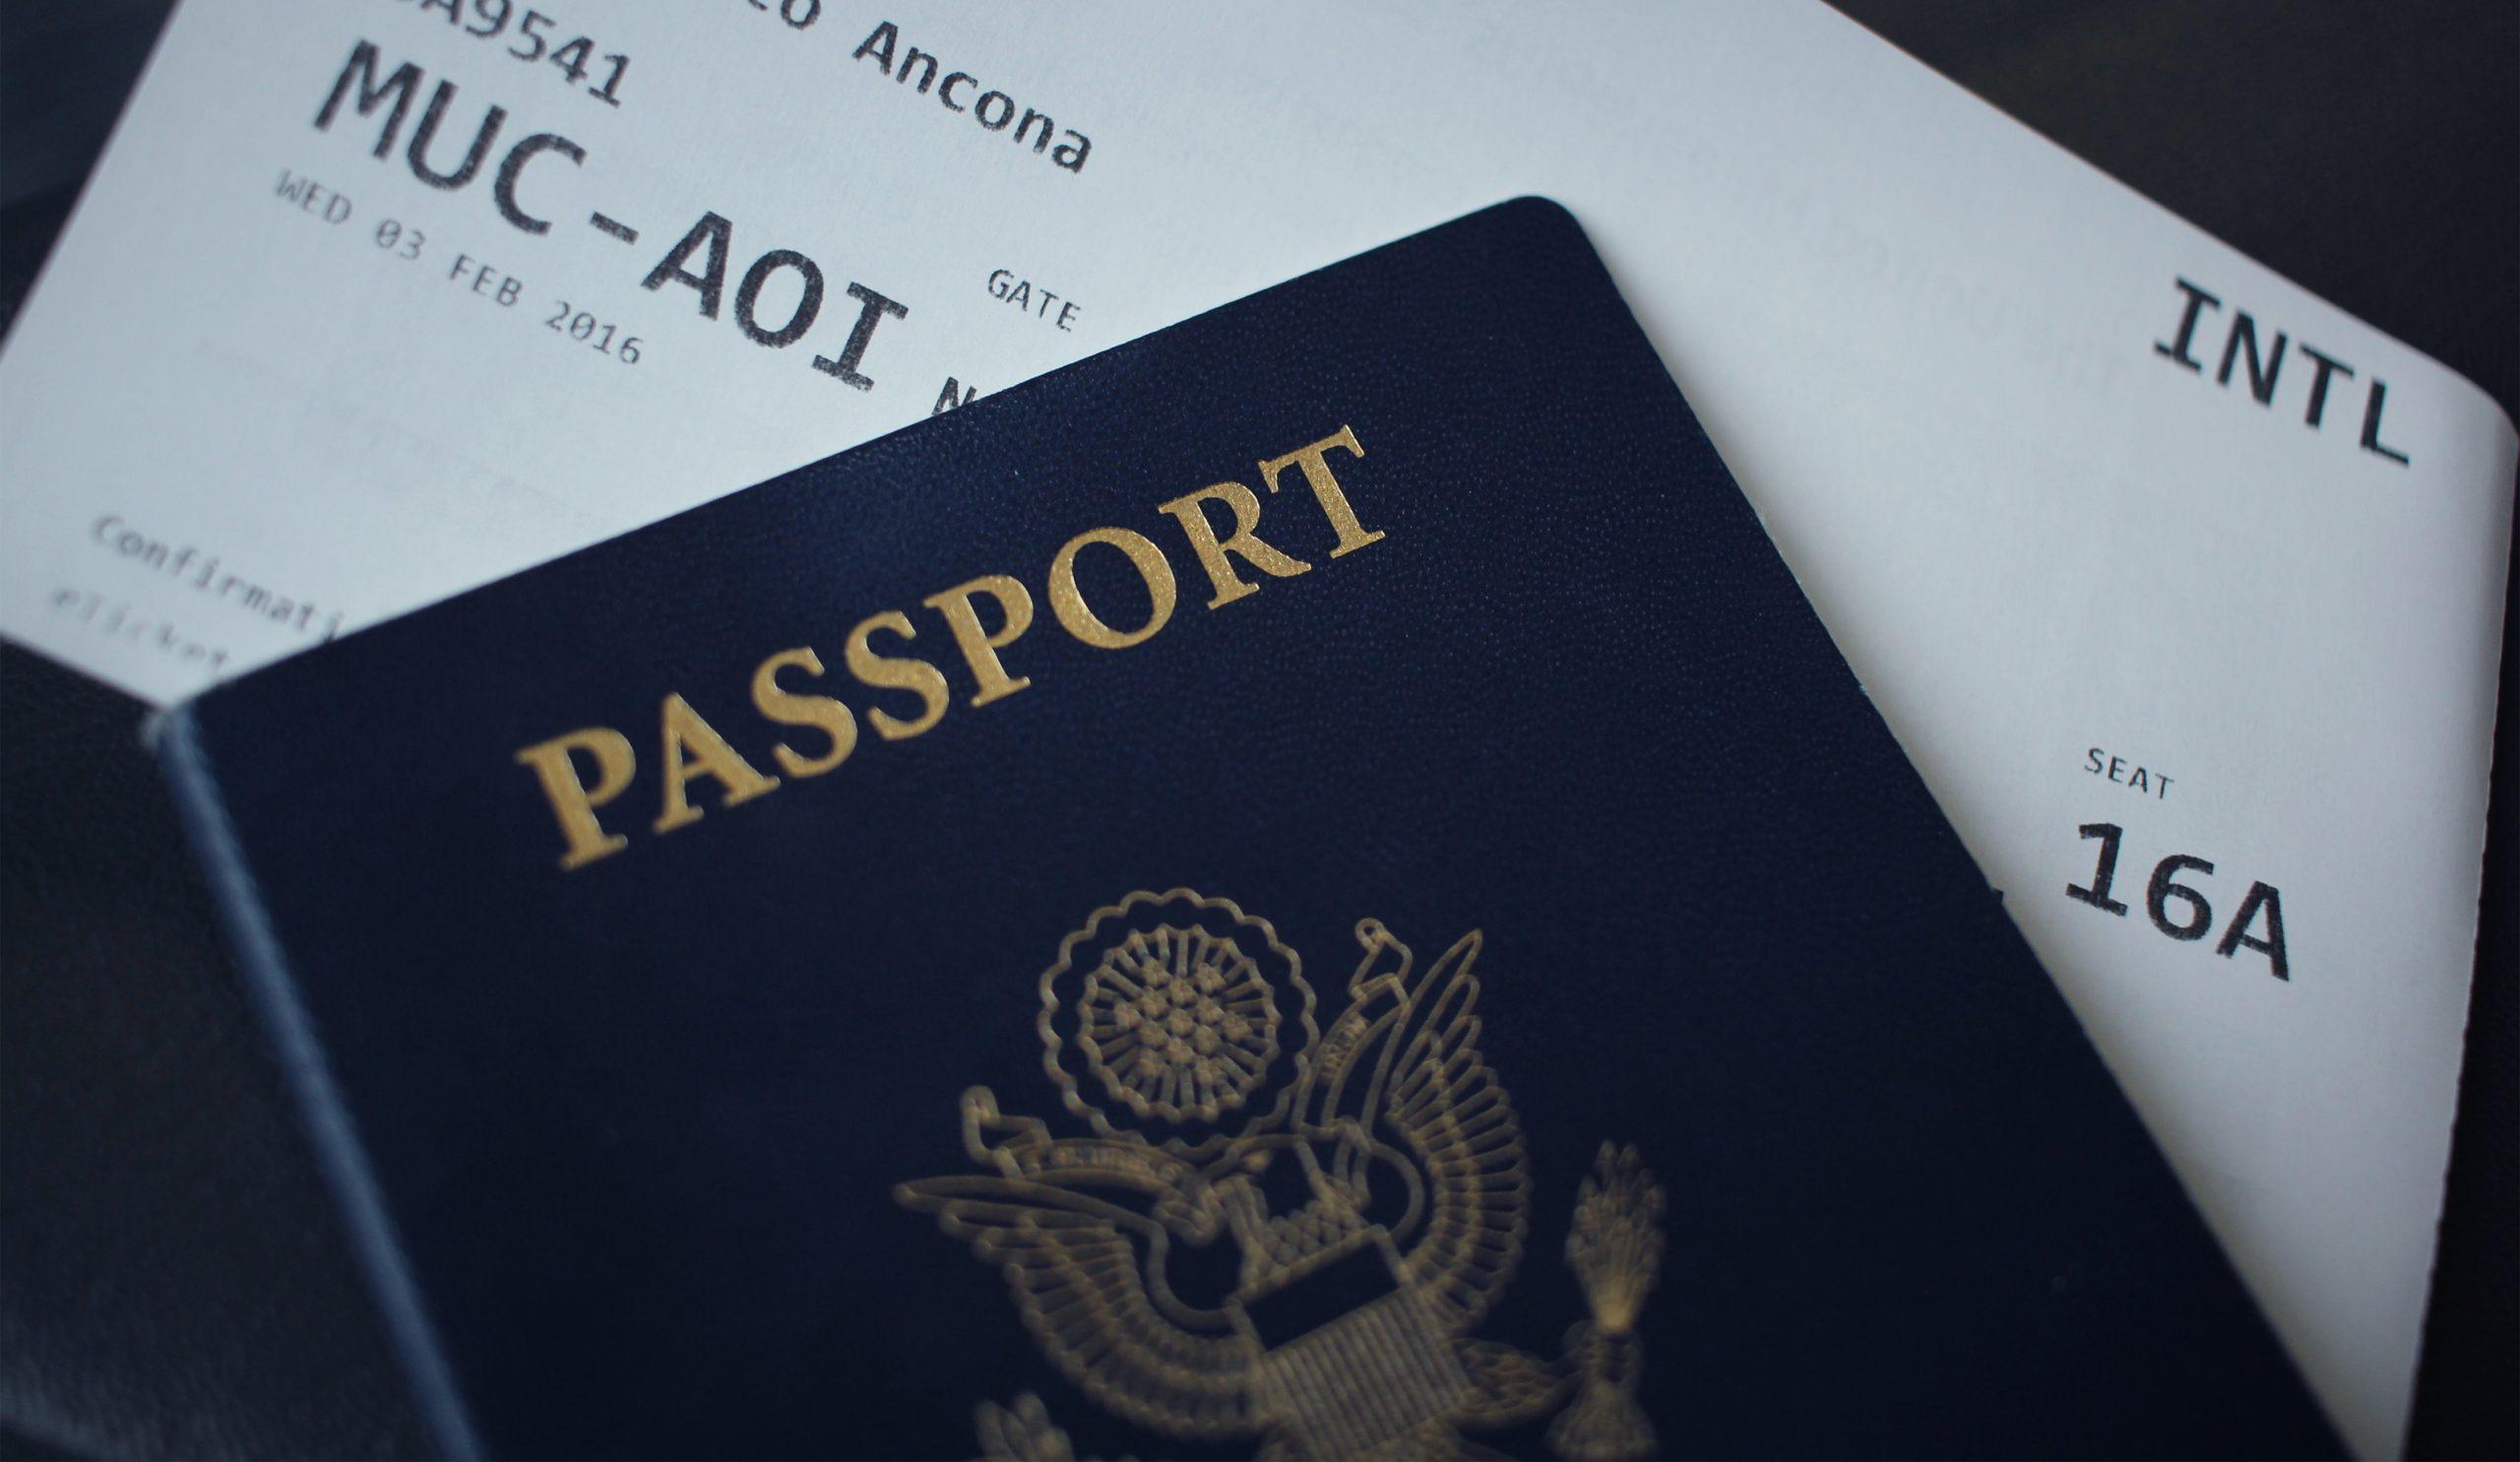 ロナウジーニョ 逮捕報道 パスポート偽造